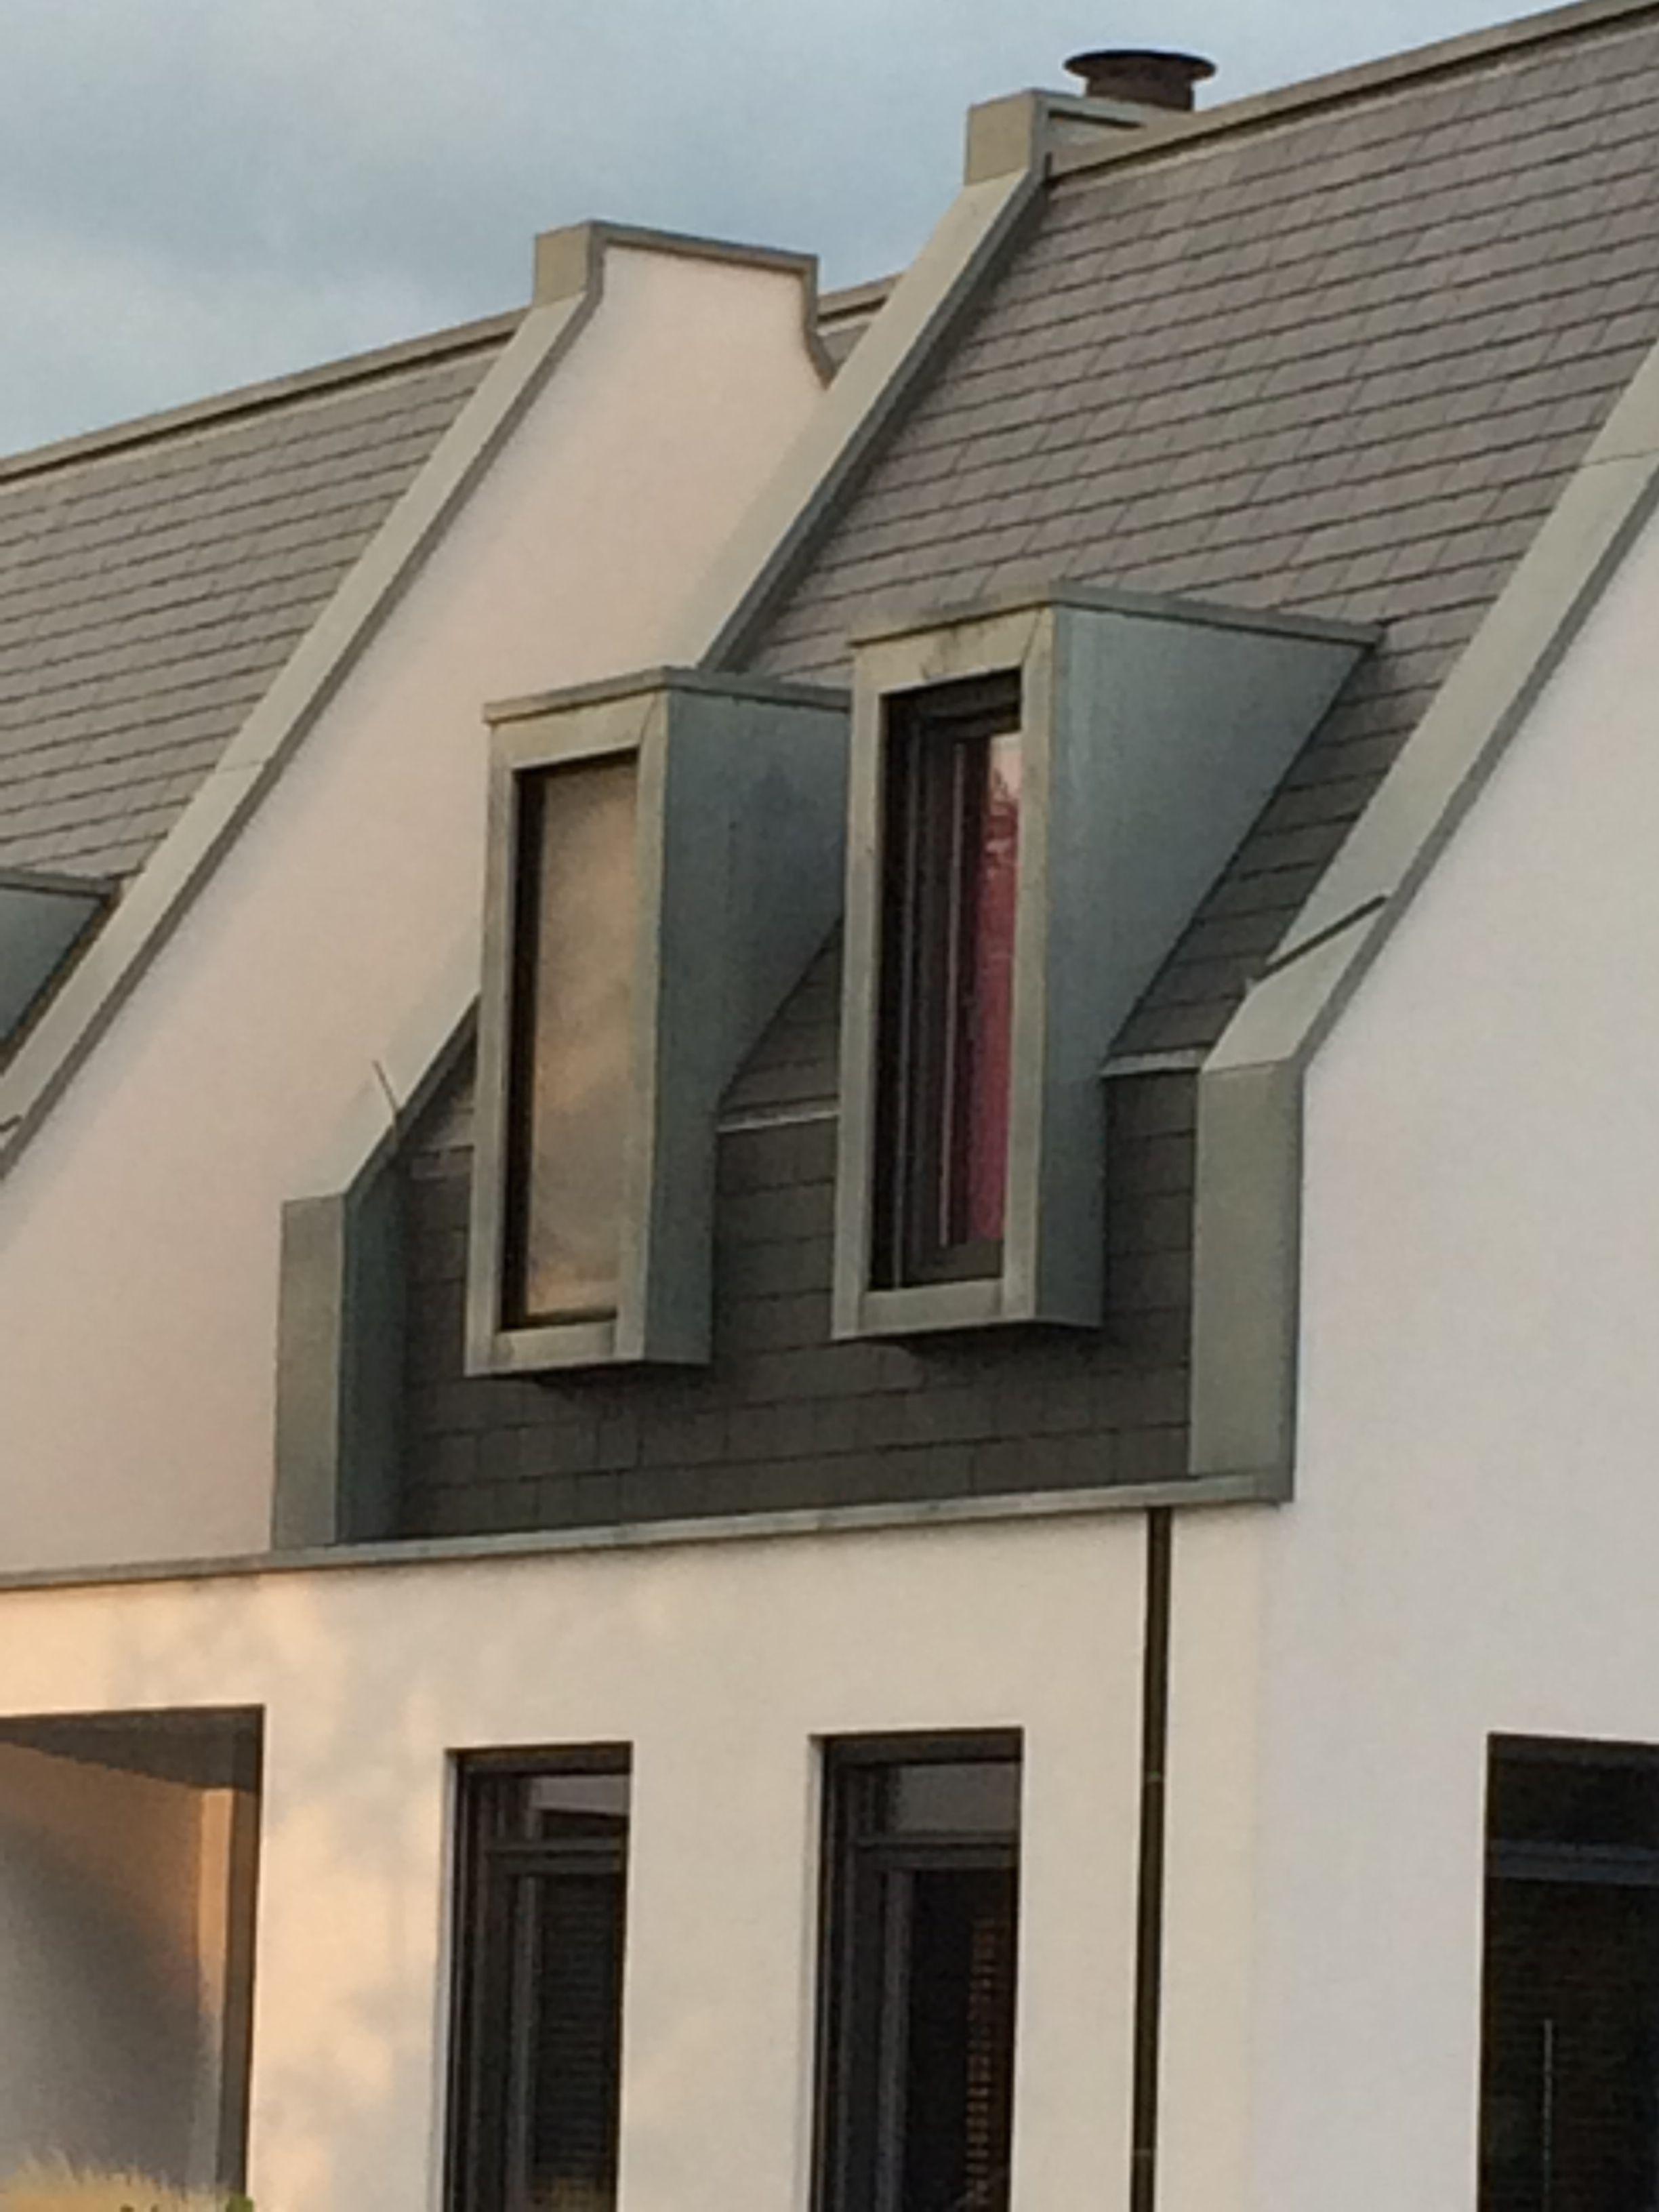 Dakkapellen afgewerkt met zink | Dormers | Pinterest | Dachgauben ...